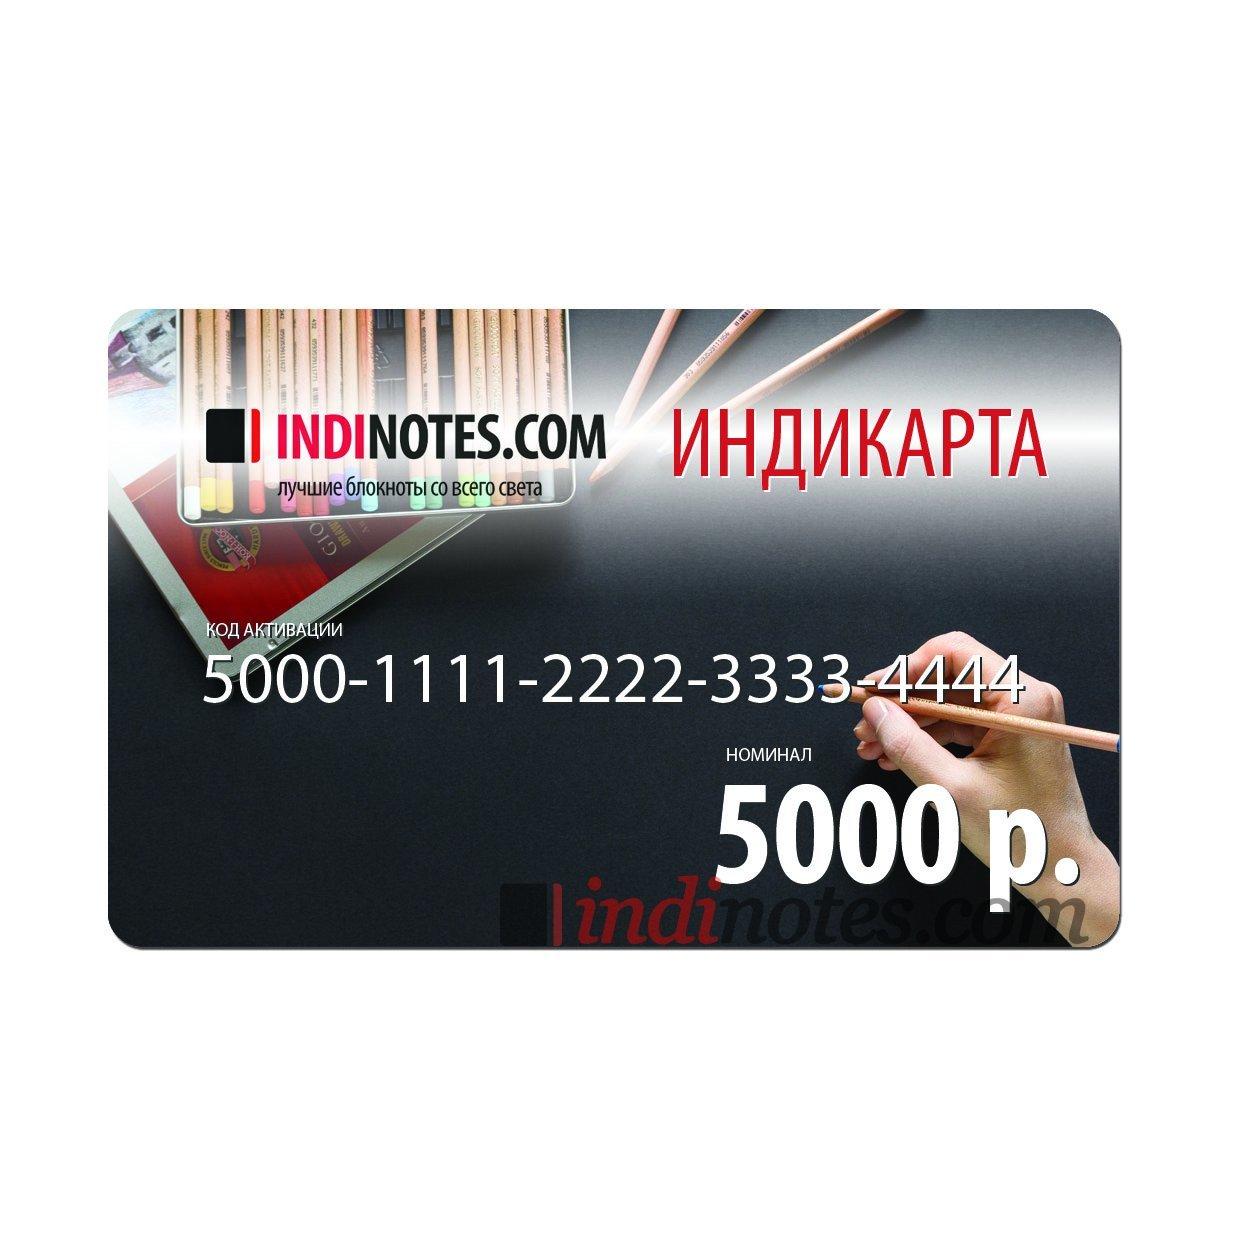 Подарочная Индикарта на 5000 руб.